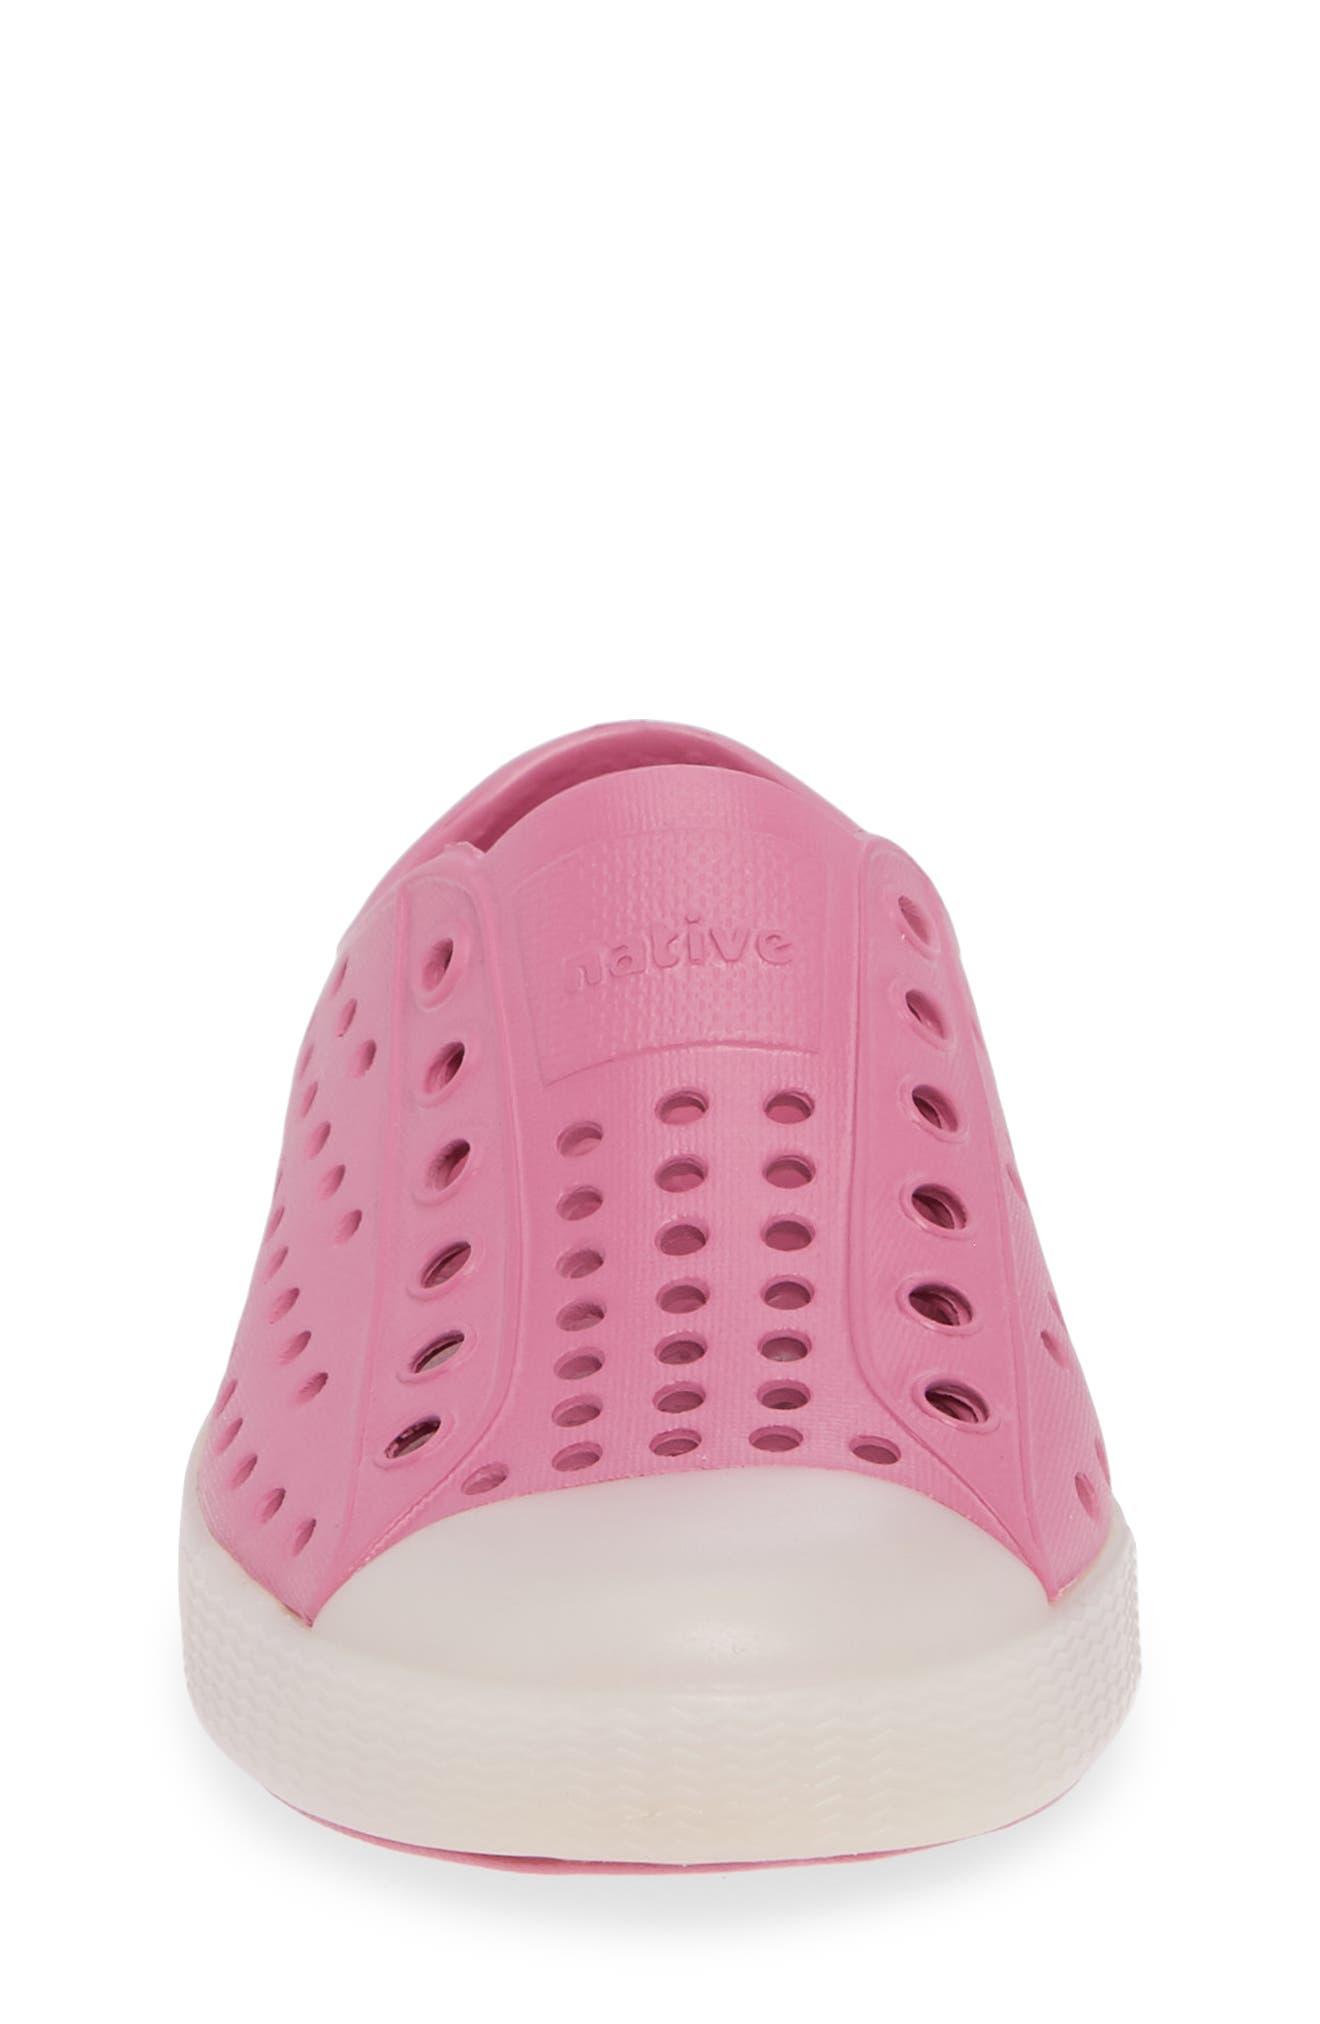 Jefferson - Glow in the Dark Sneaker,                             Alternate thumbnail 7, color,                             Woodward Pink/ Glow